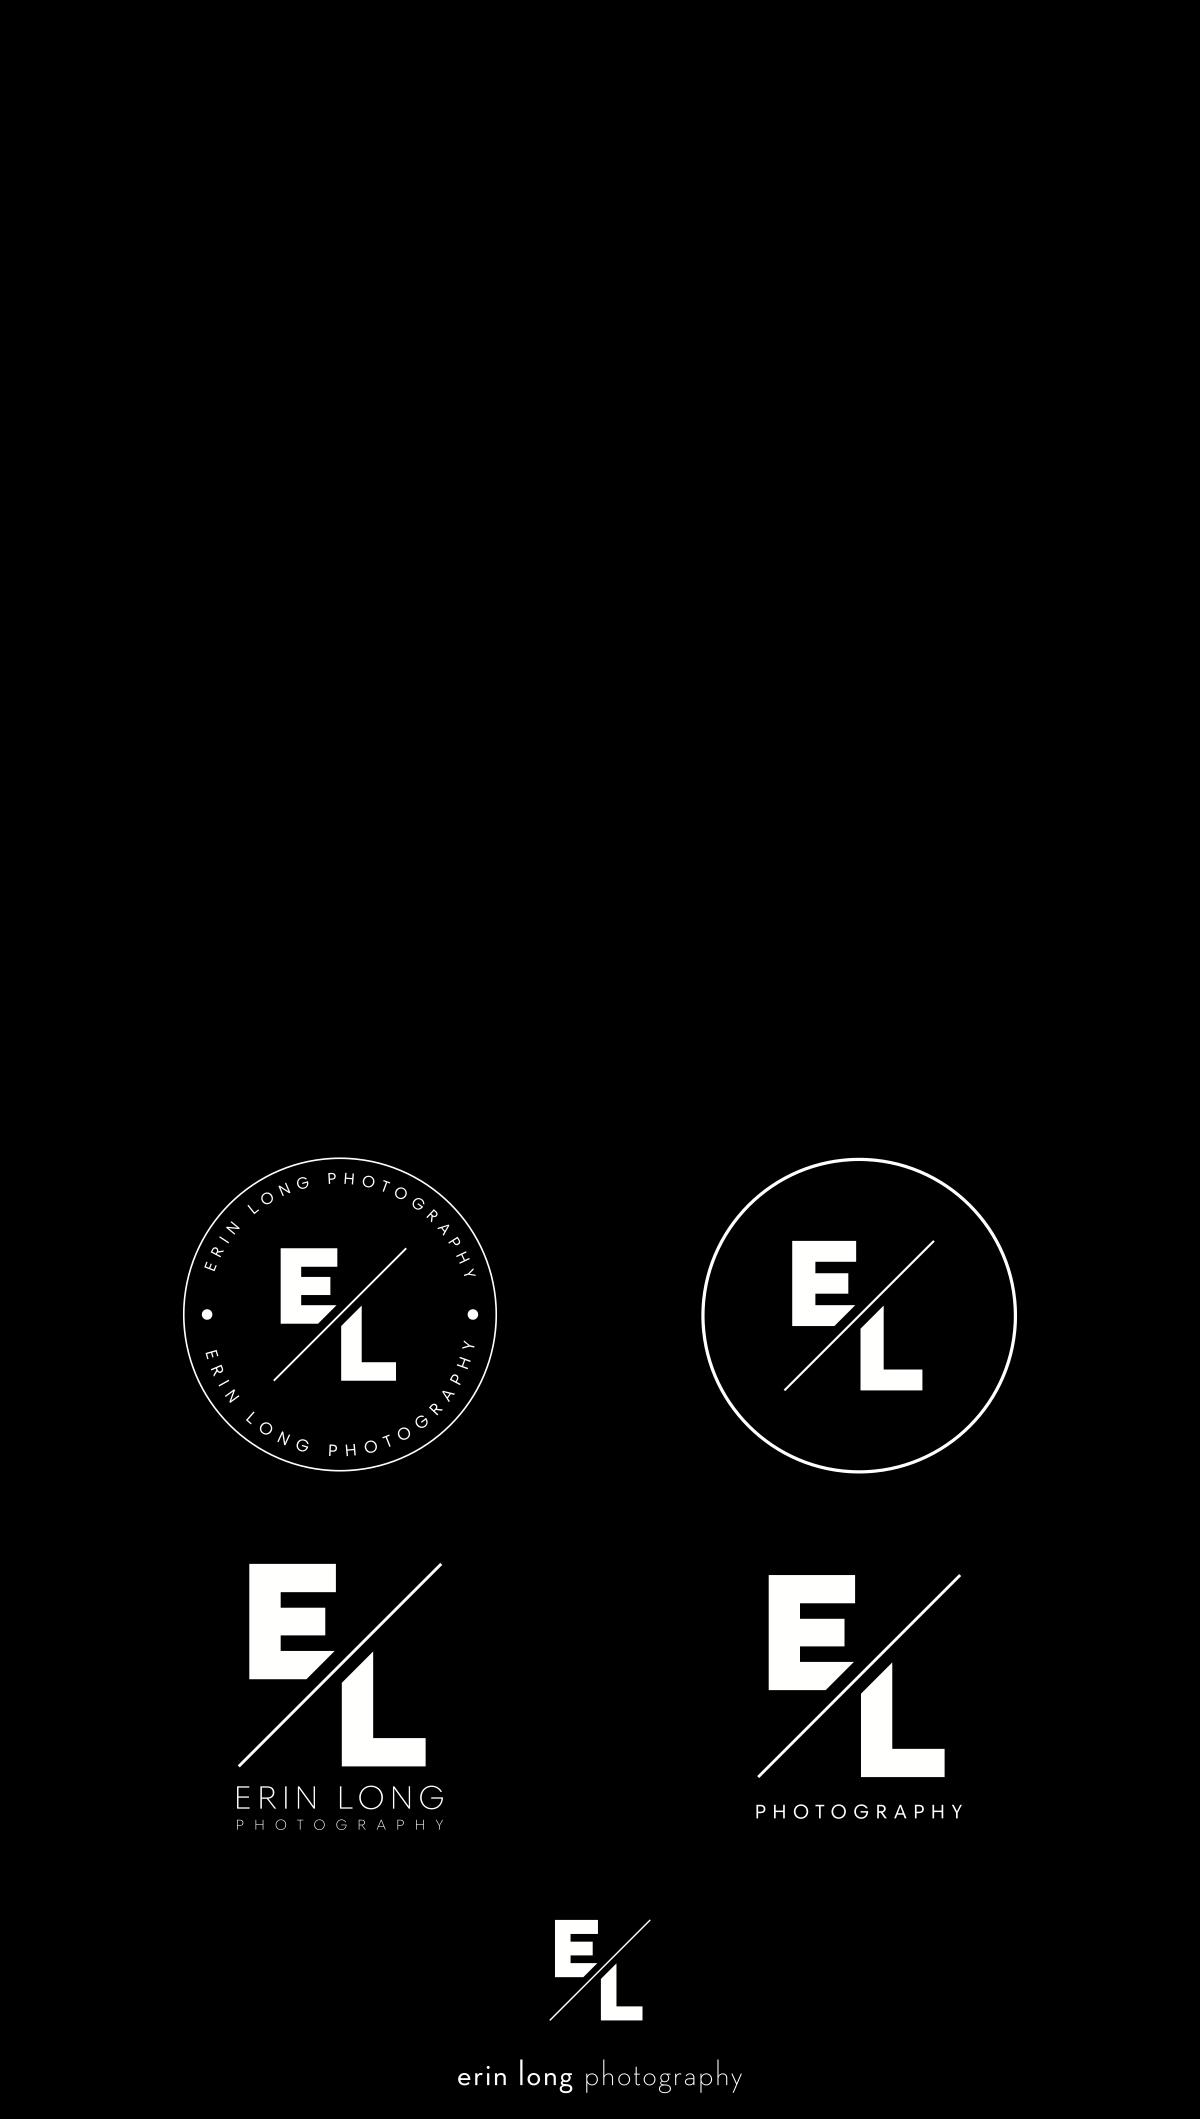 New brand identity/logo